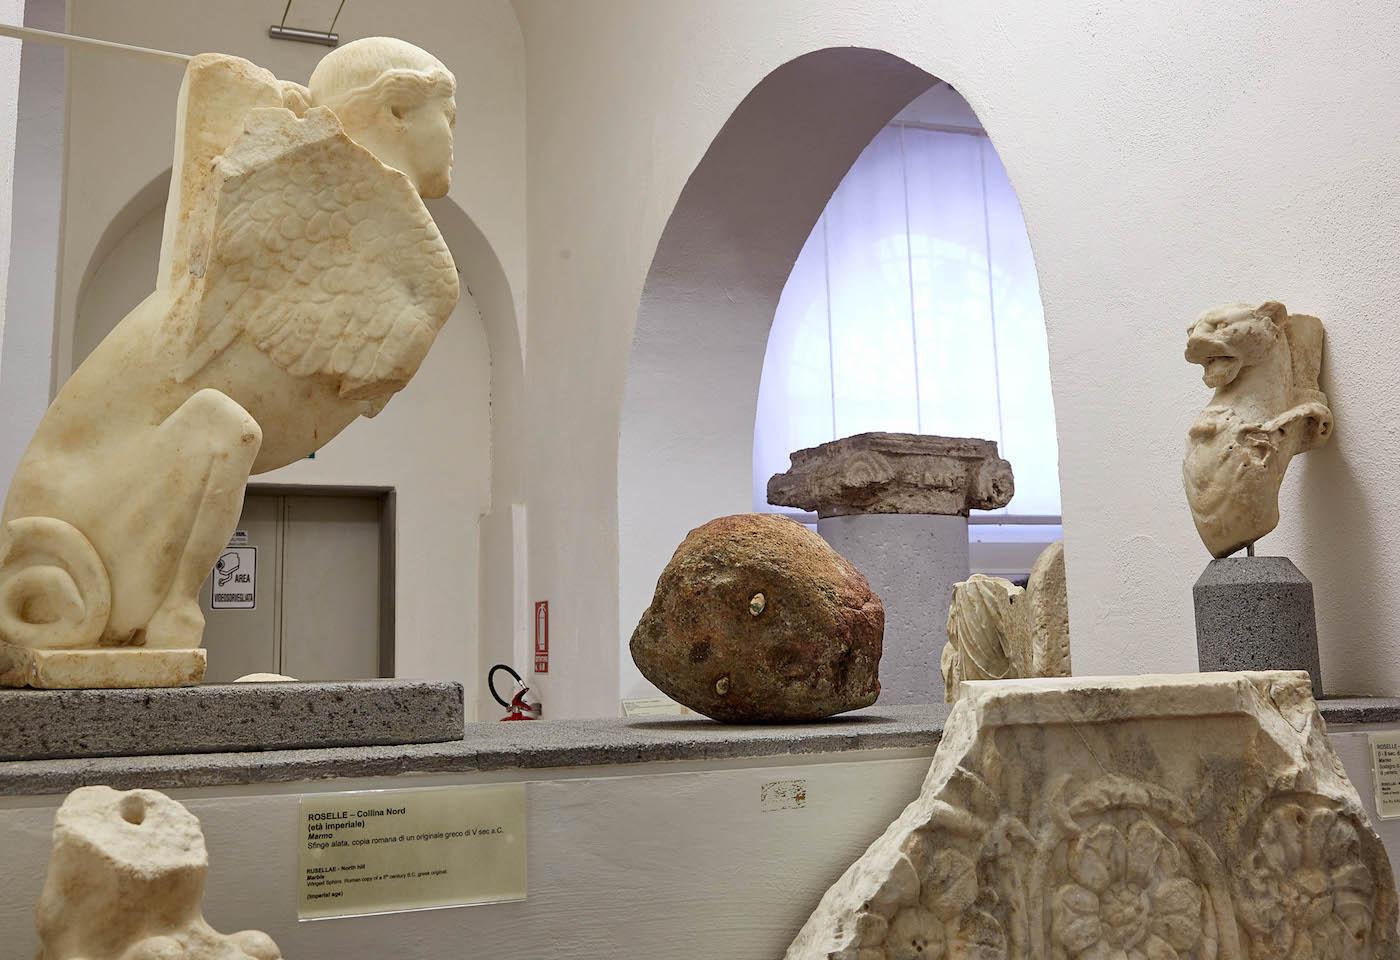 Museo Archeologico e d'Arte della Maremma, SALA 11b, Massimiliano Pelletti. Forever Never Comes. Foto: Carlo Bonazza